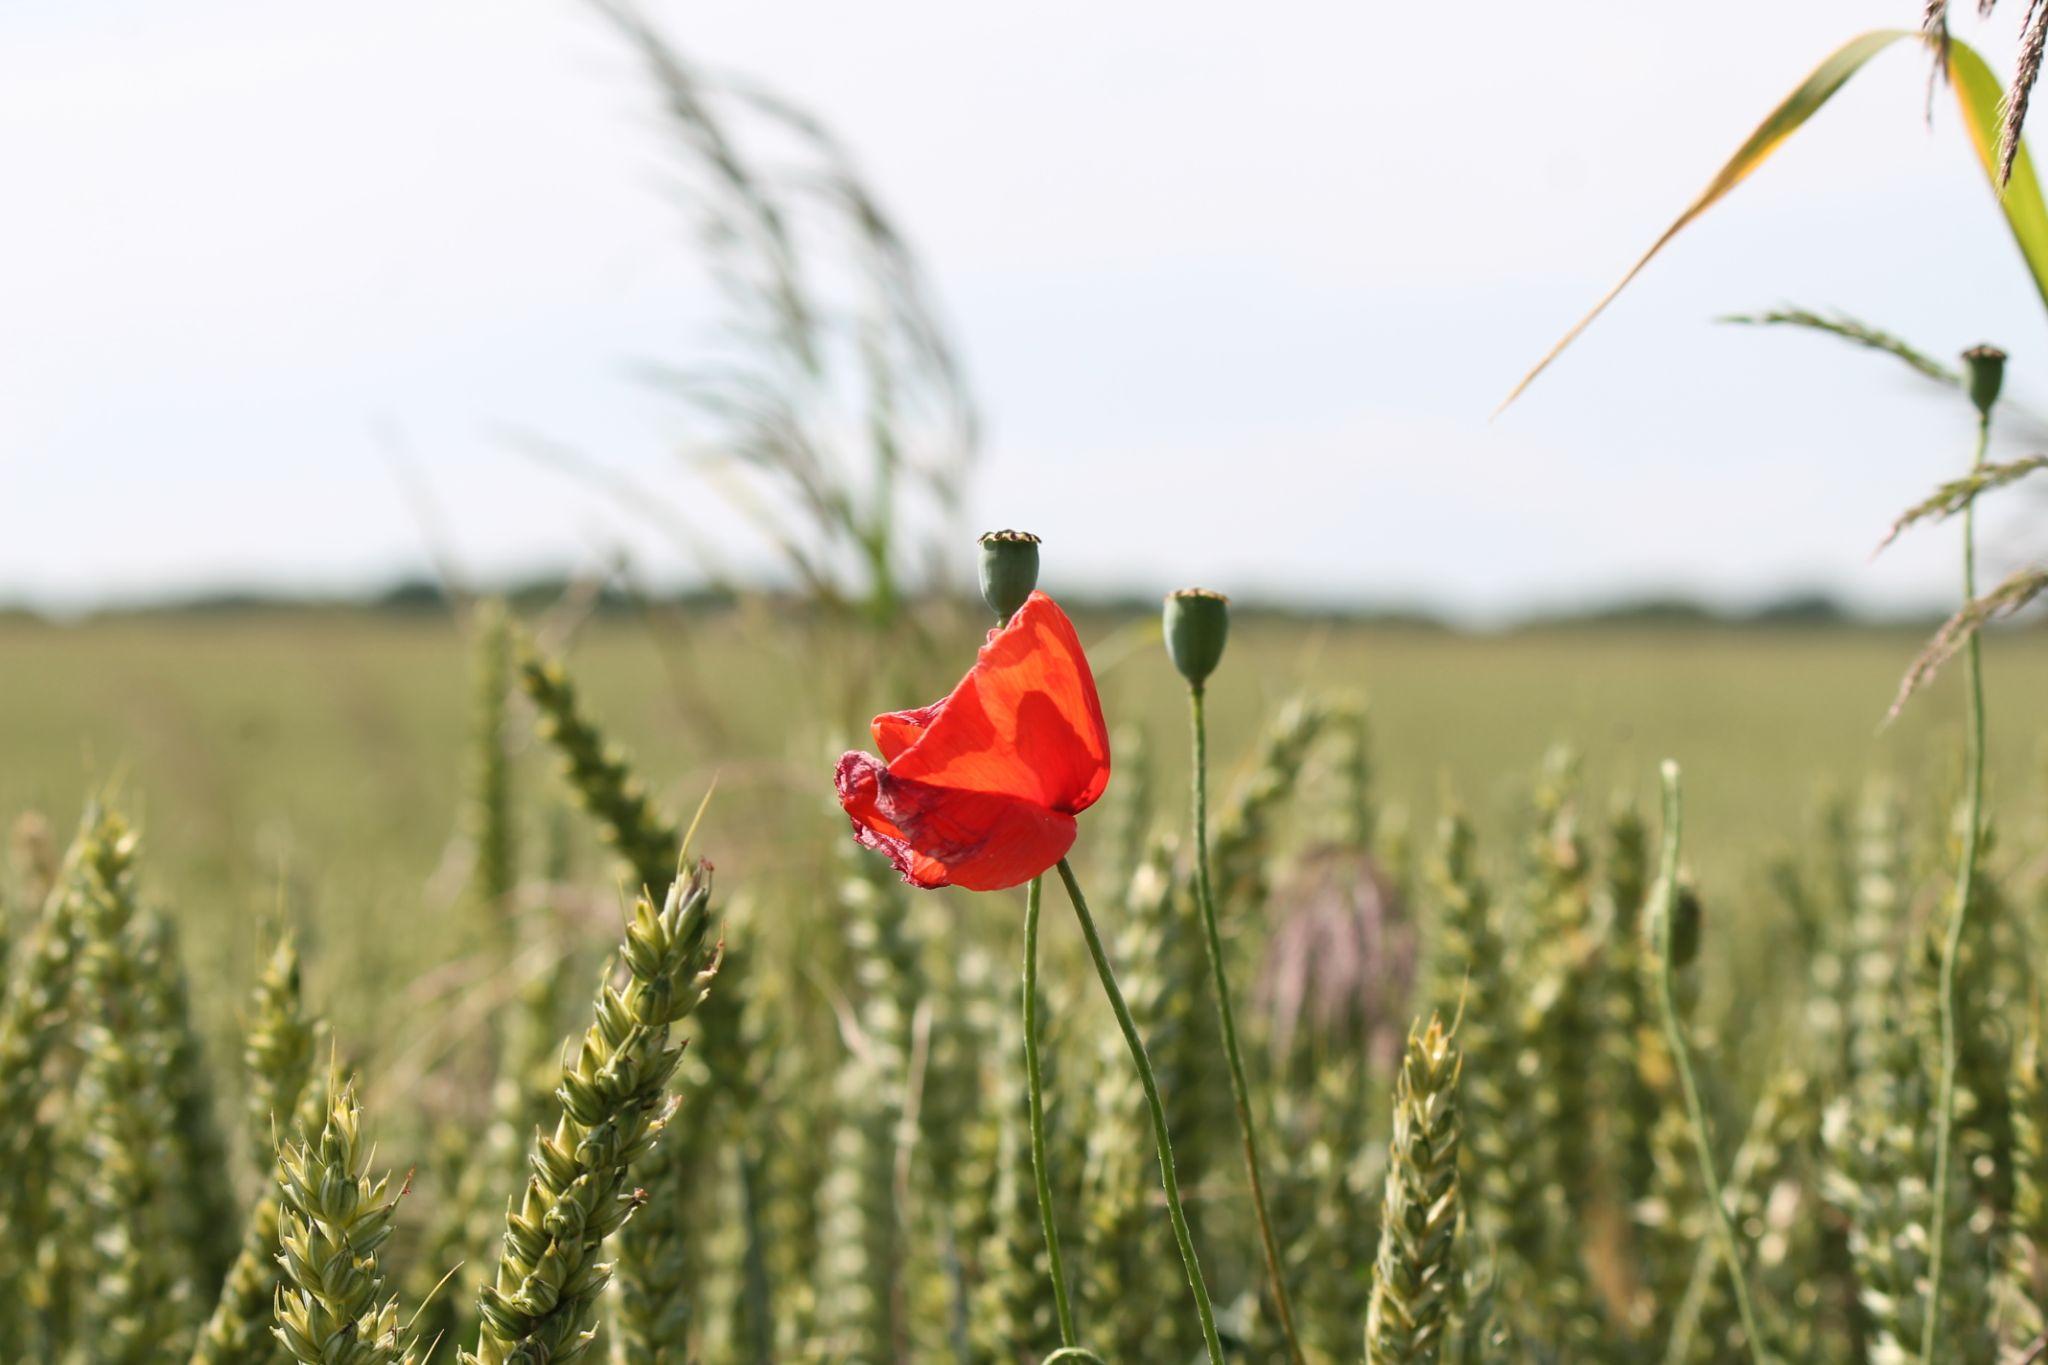 Coquelicot au bord du champ de blé by Jean-francois Crébois